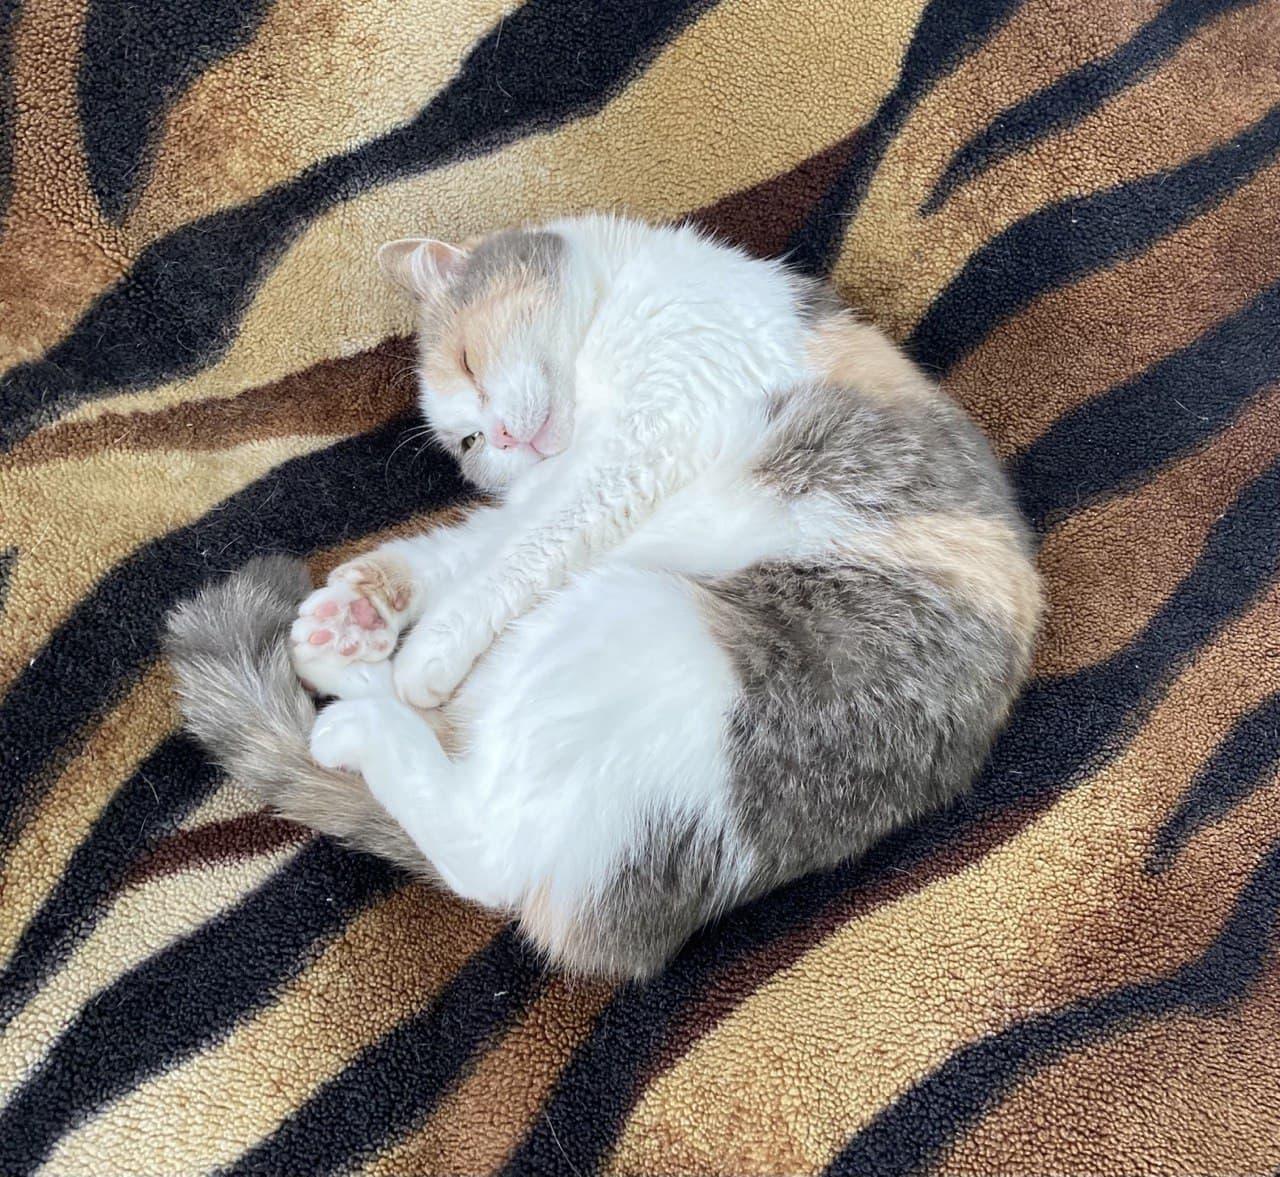 Сьогодні у Європі святкують Міжнародний День кота - тварина, коти, Європа - photo 2021 02 17 15 05 16